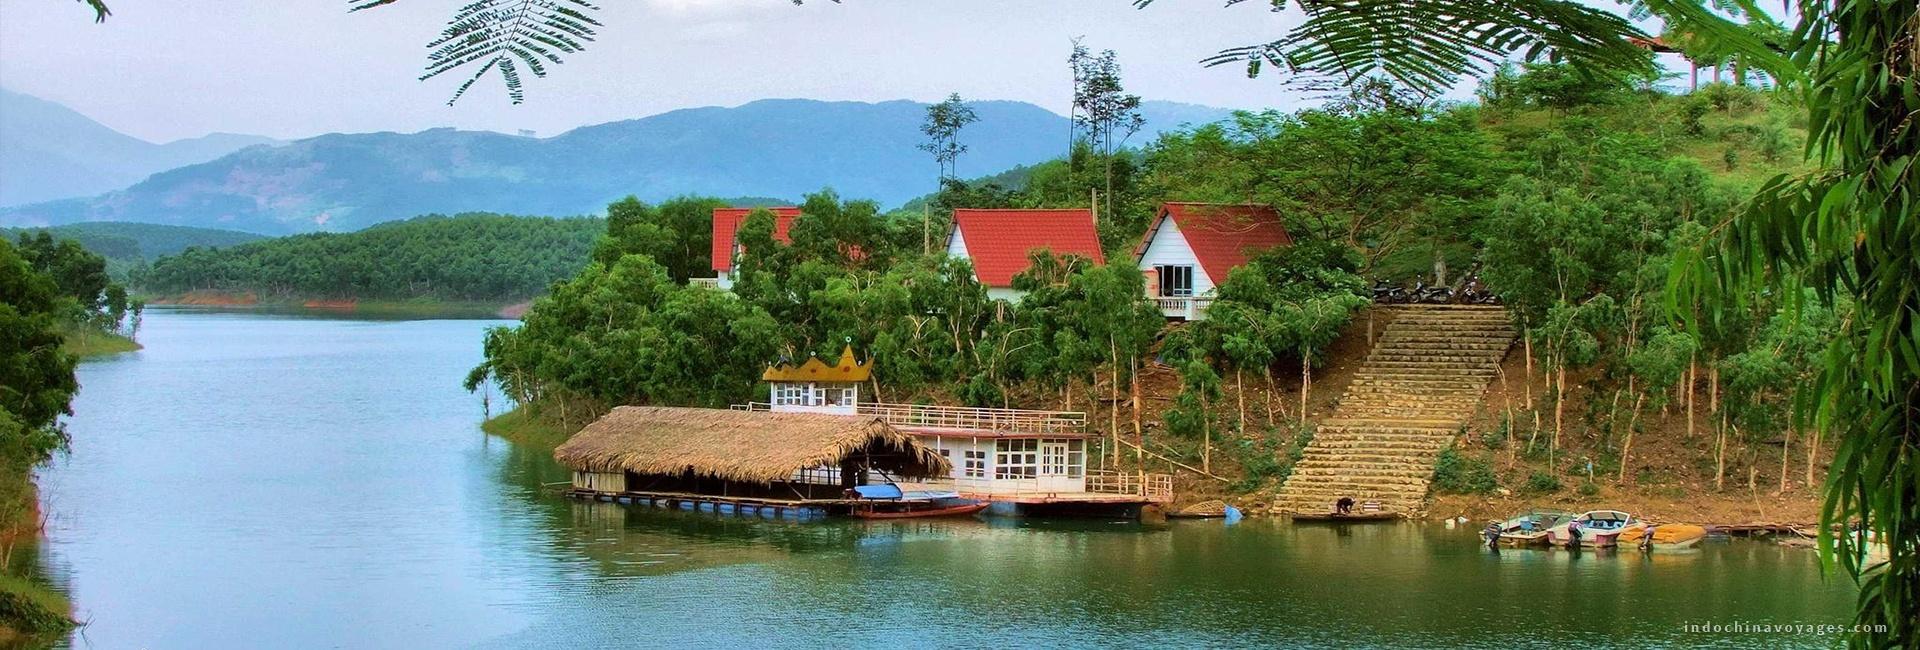 Thac Ba Lake Getaway 3 days